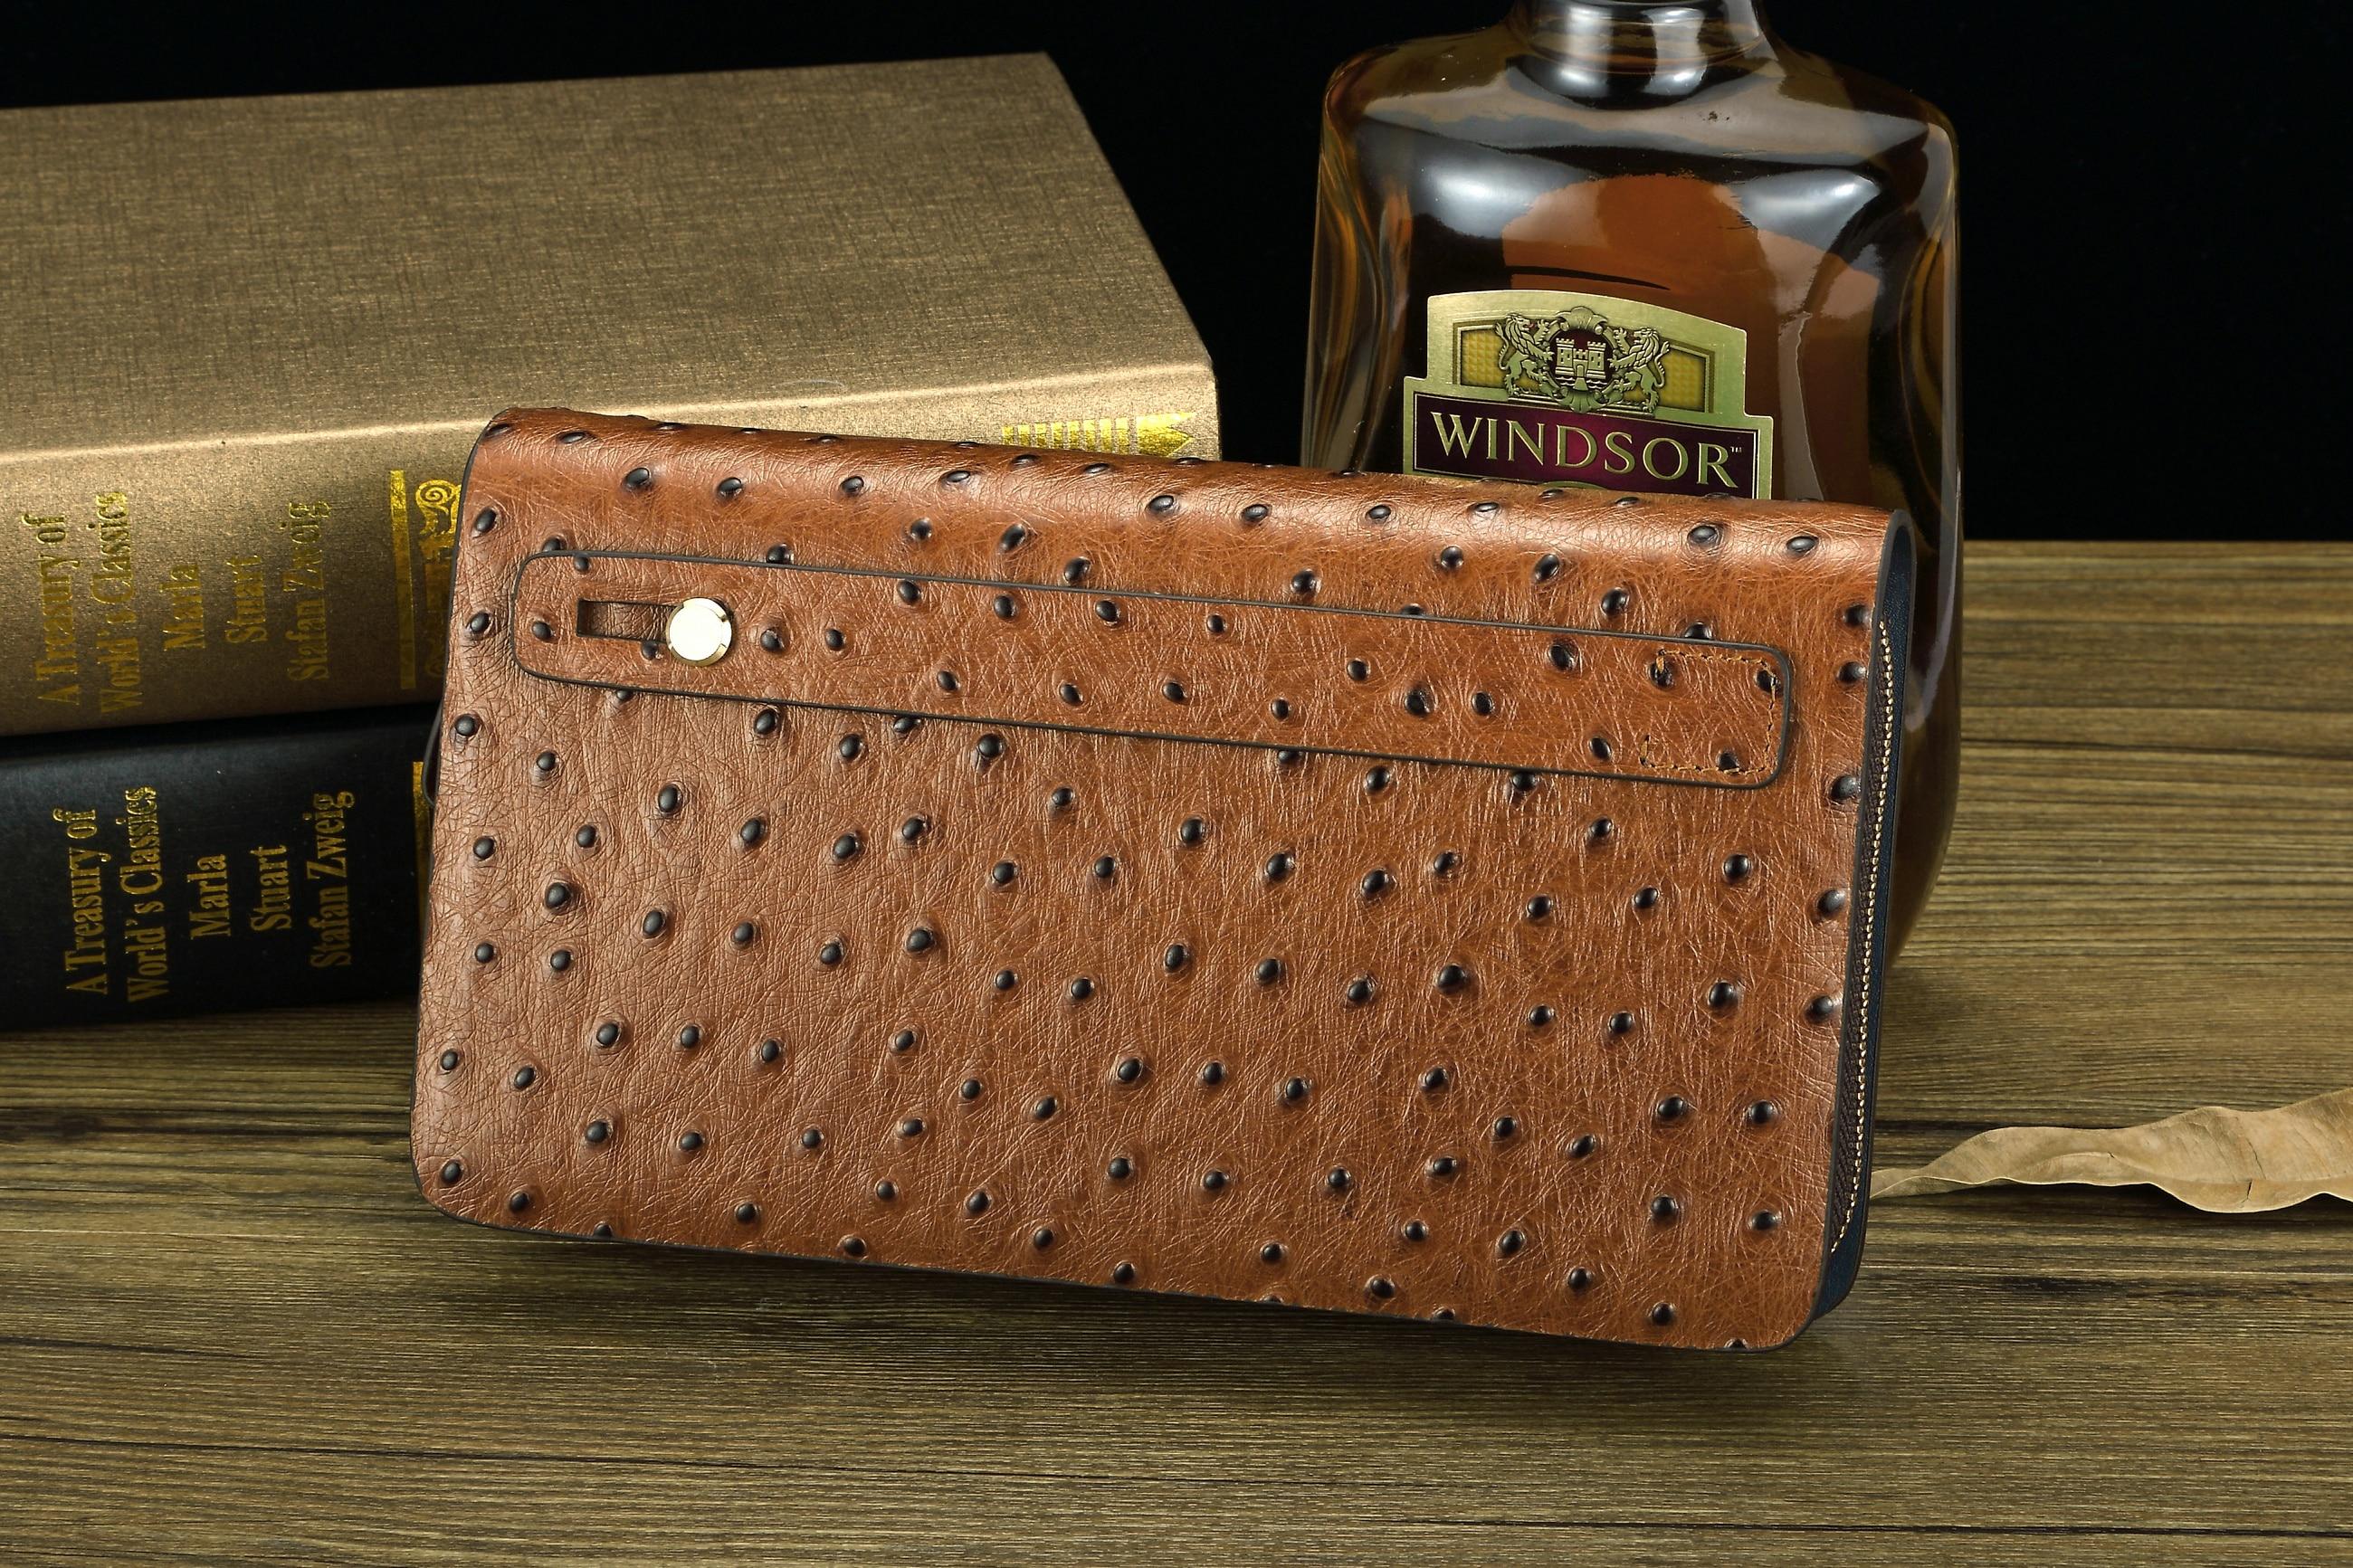 Geldbörse Brown T025 Mode Strauß 1 Yinte Bag Leder Männer England Brieftasche Clutch Kuh Muster Kupplung Passport Tasche Handgelenk Aus Stil Echtem BxvxUawq